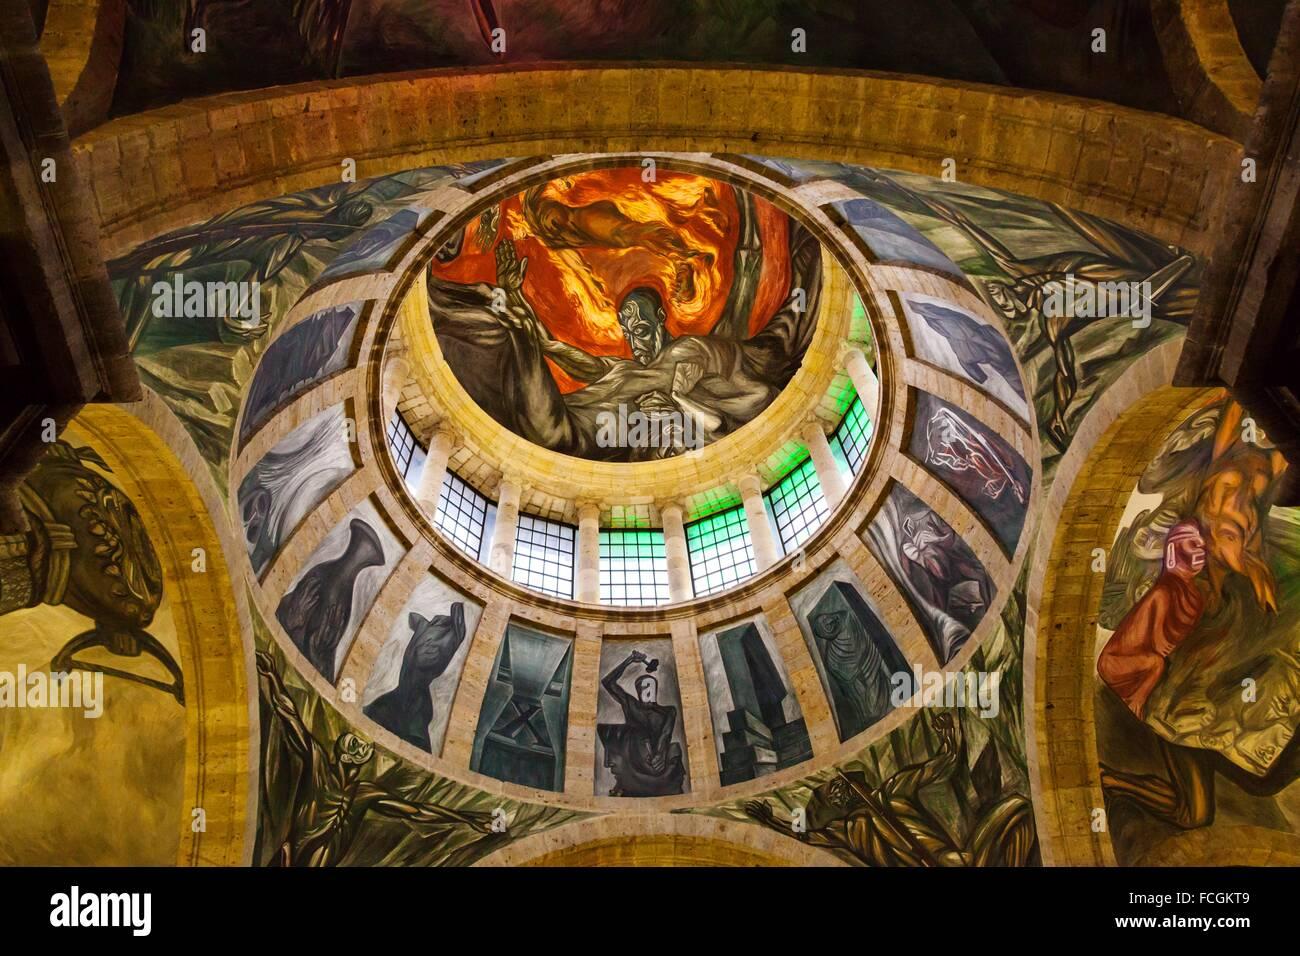 Alegoria Del Hombre De Fuego 1936 39 El Monumental Fresco De Jose